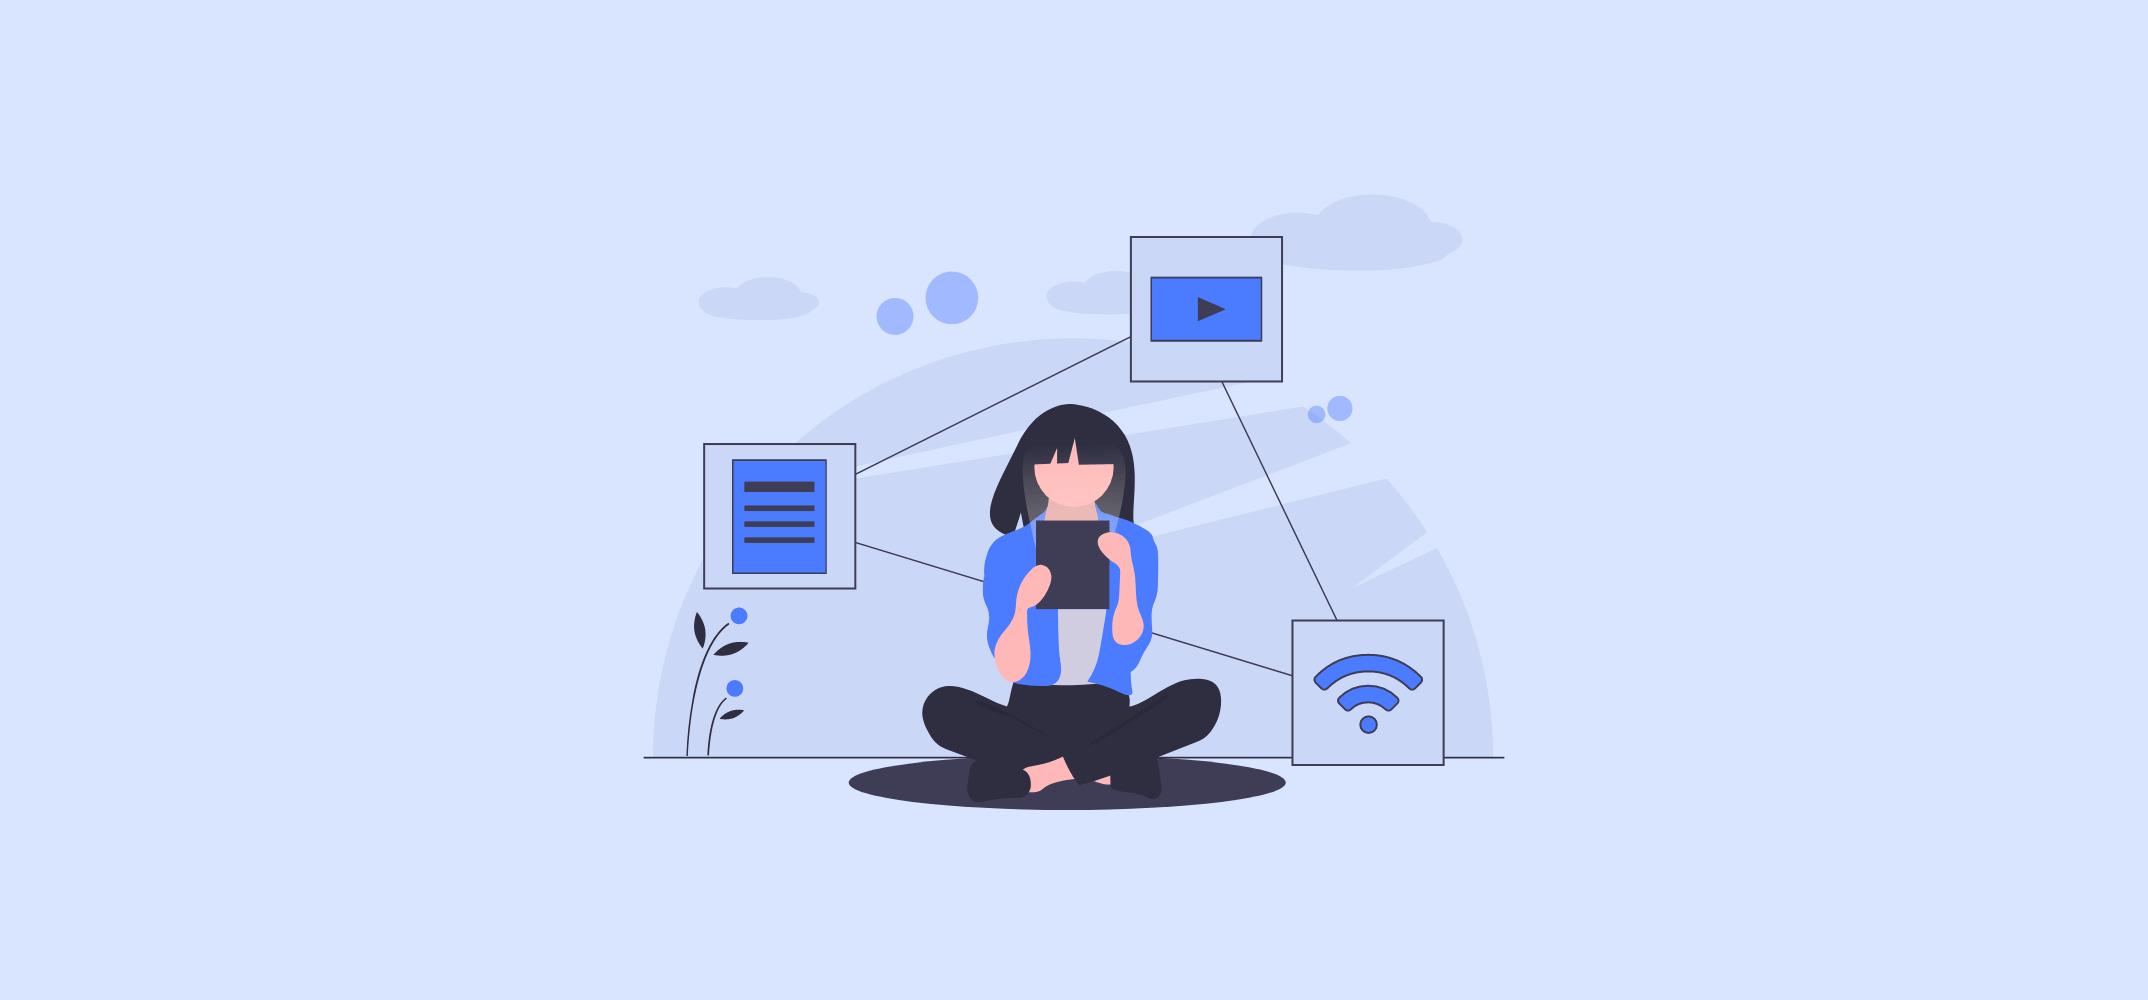 Рекламные возможности при подключении к Wi-Fi позволяют коммуницировать с пользователем